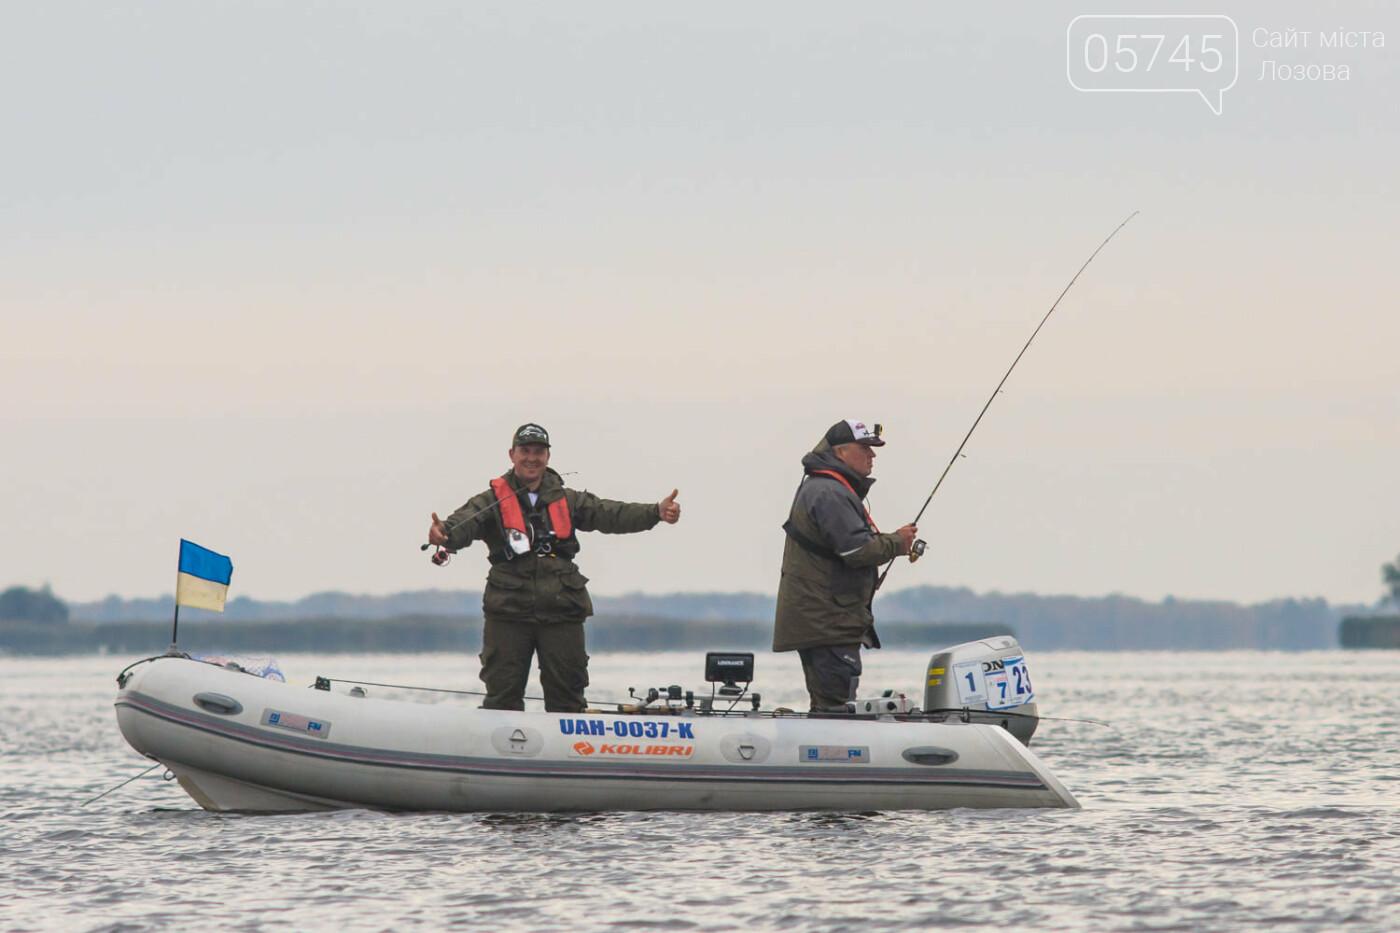 Рыболовы-спортсмены Лозовой заняли призовое место на Кубке Украины по ловле хищной рыбы, фото-12